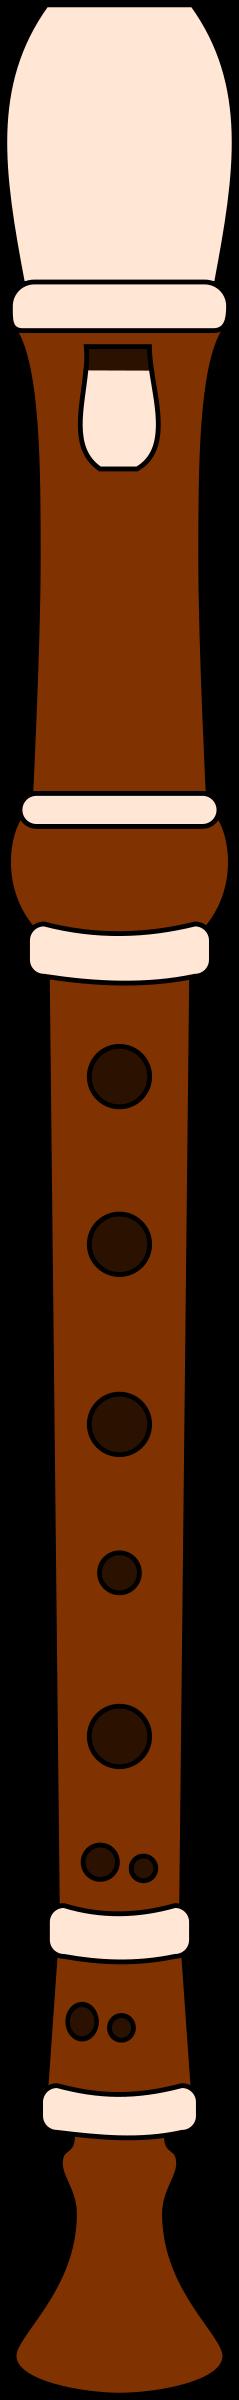 Recorder big image png. Flutes clipart wood